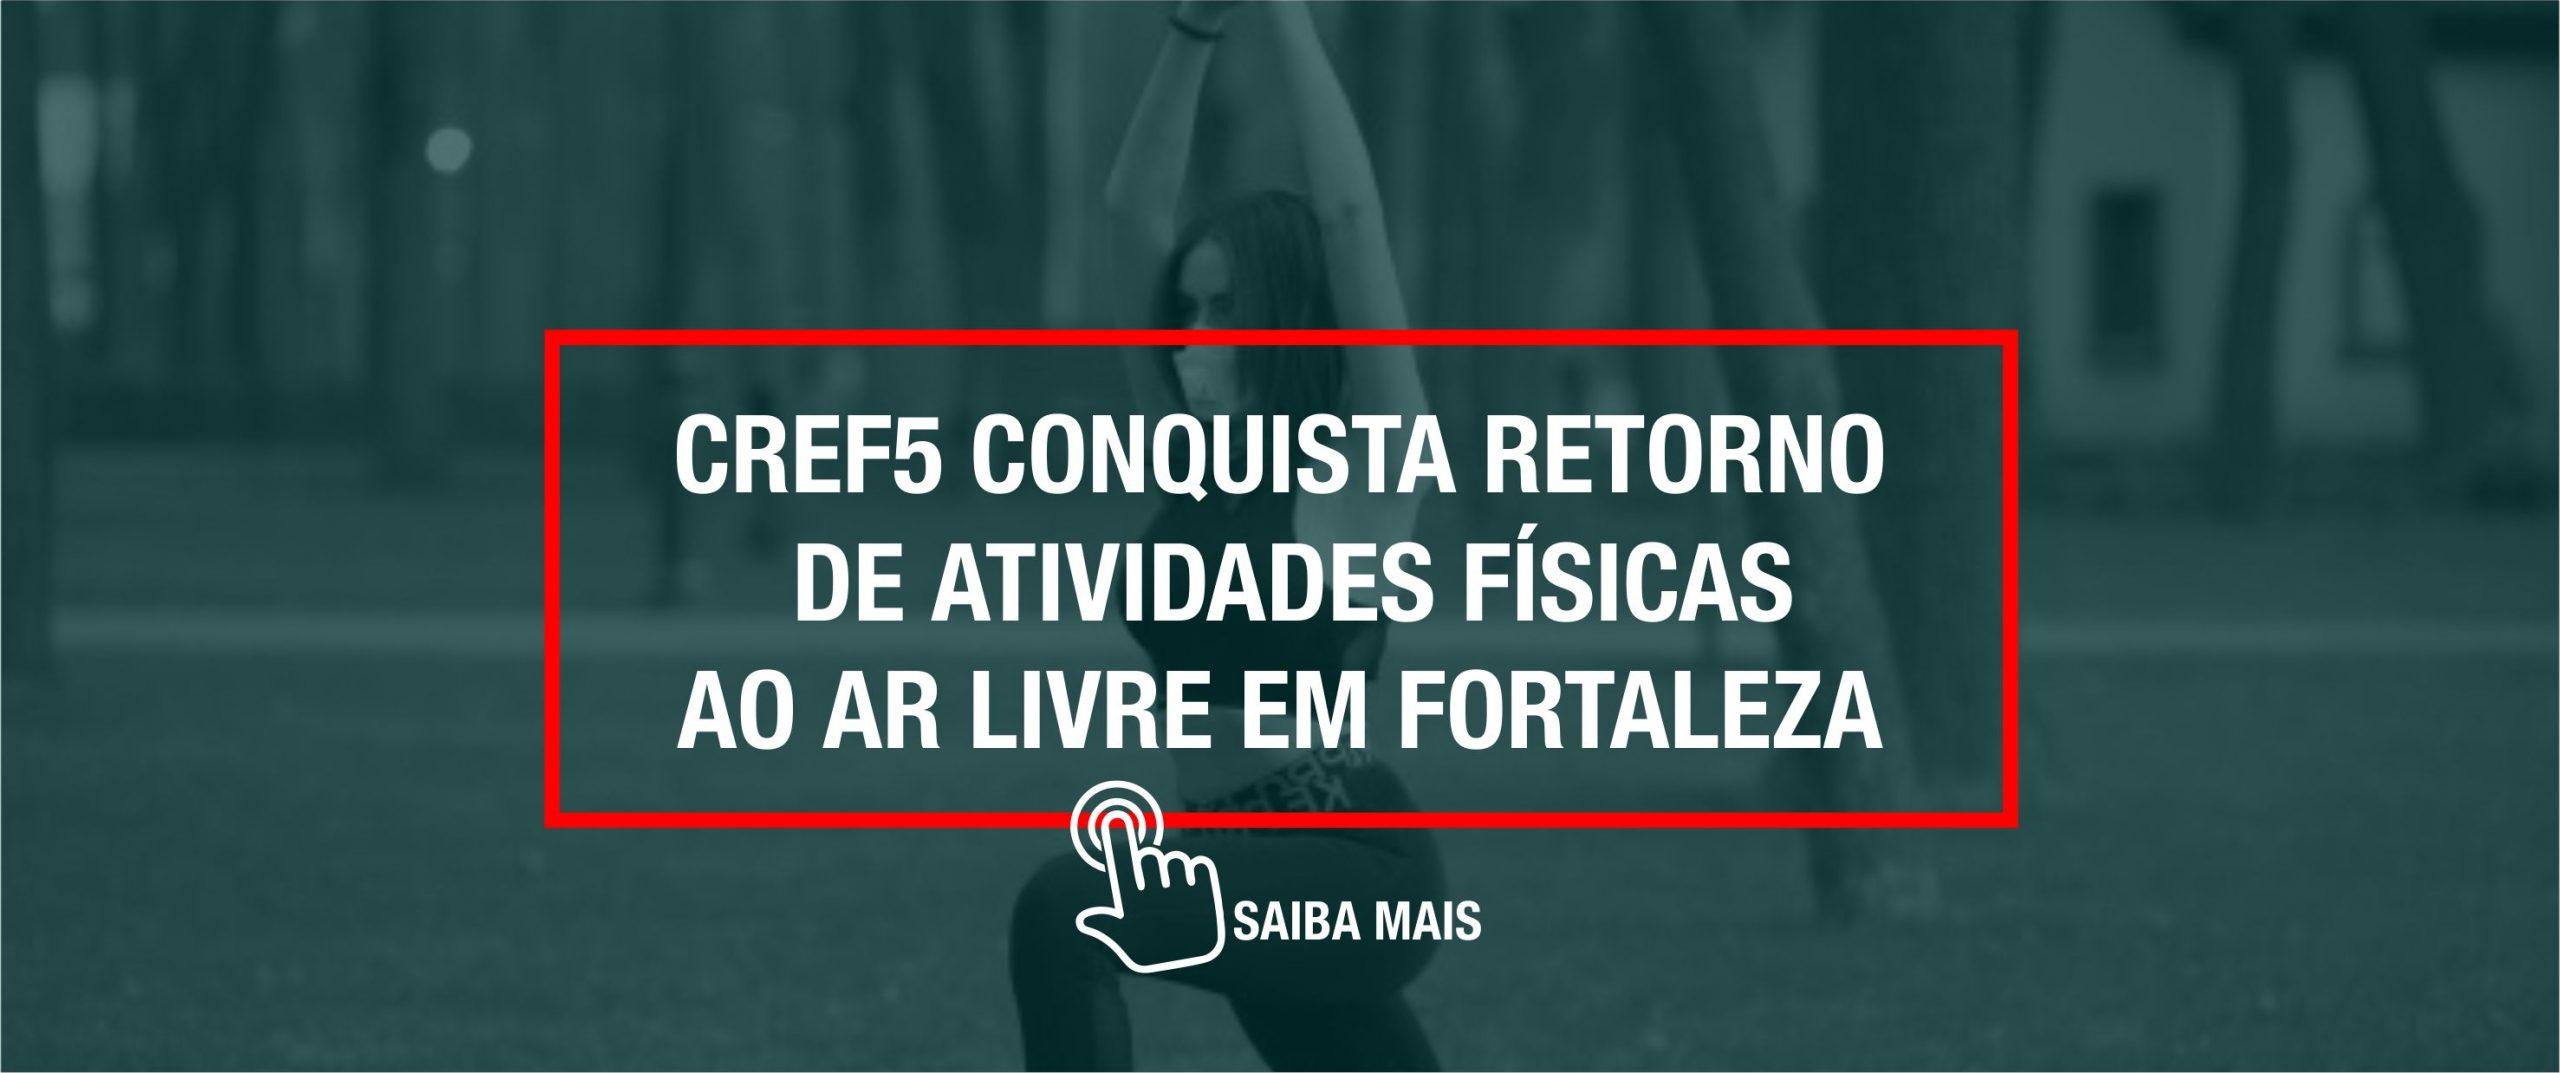 CREF5 CONQUISTA RETORNO DE ATIVIDADES FÍSICAS INDIVIDUAIS AO AR LIVRE EM FORTALEZA